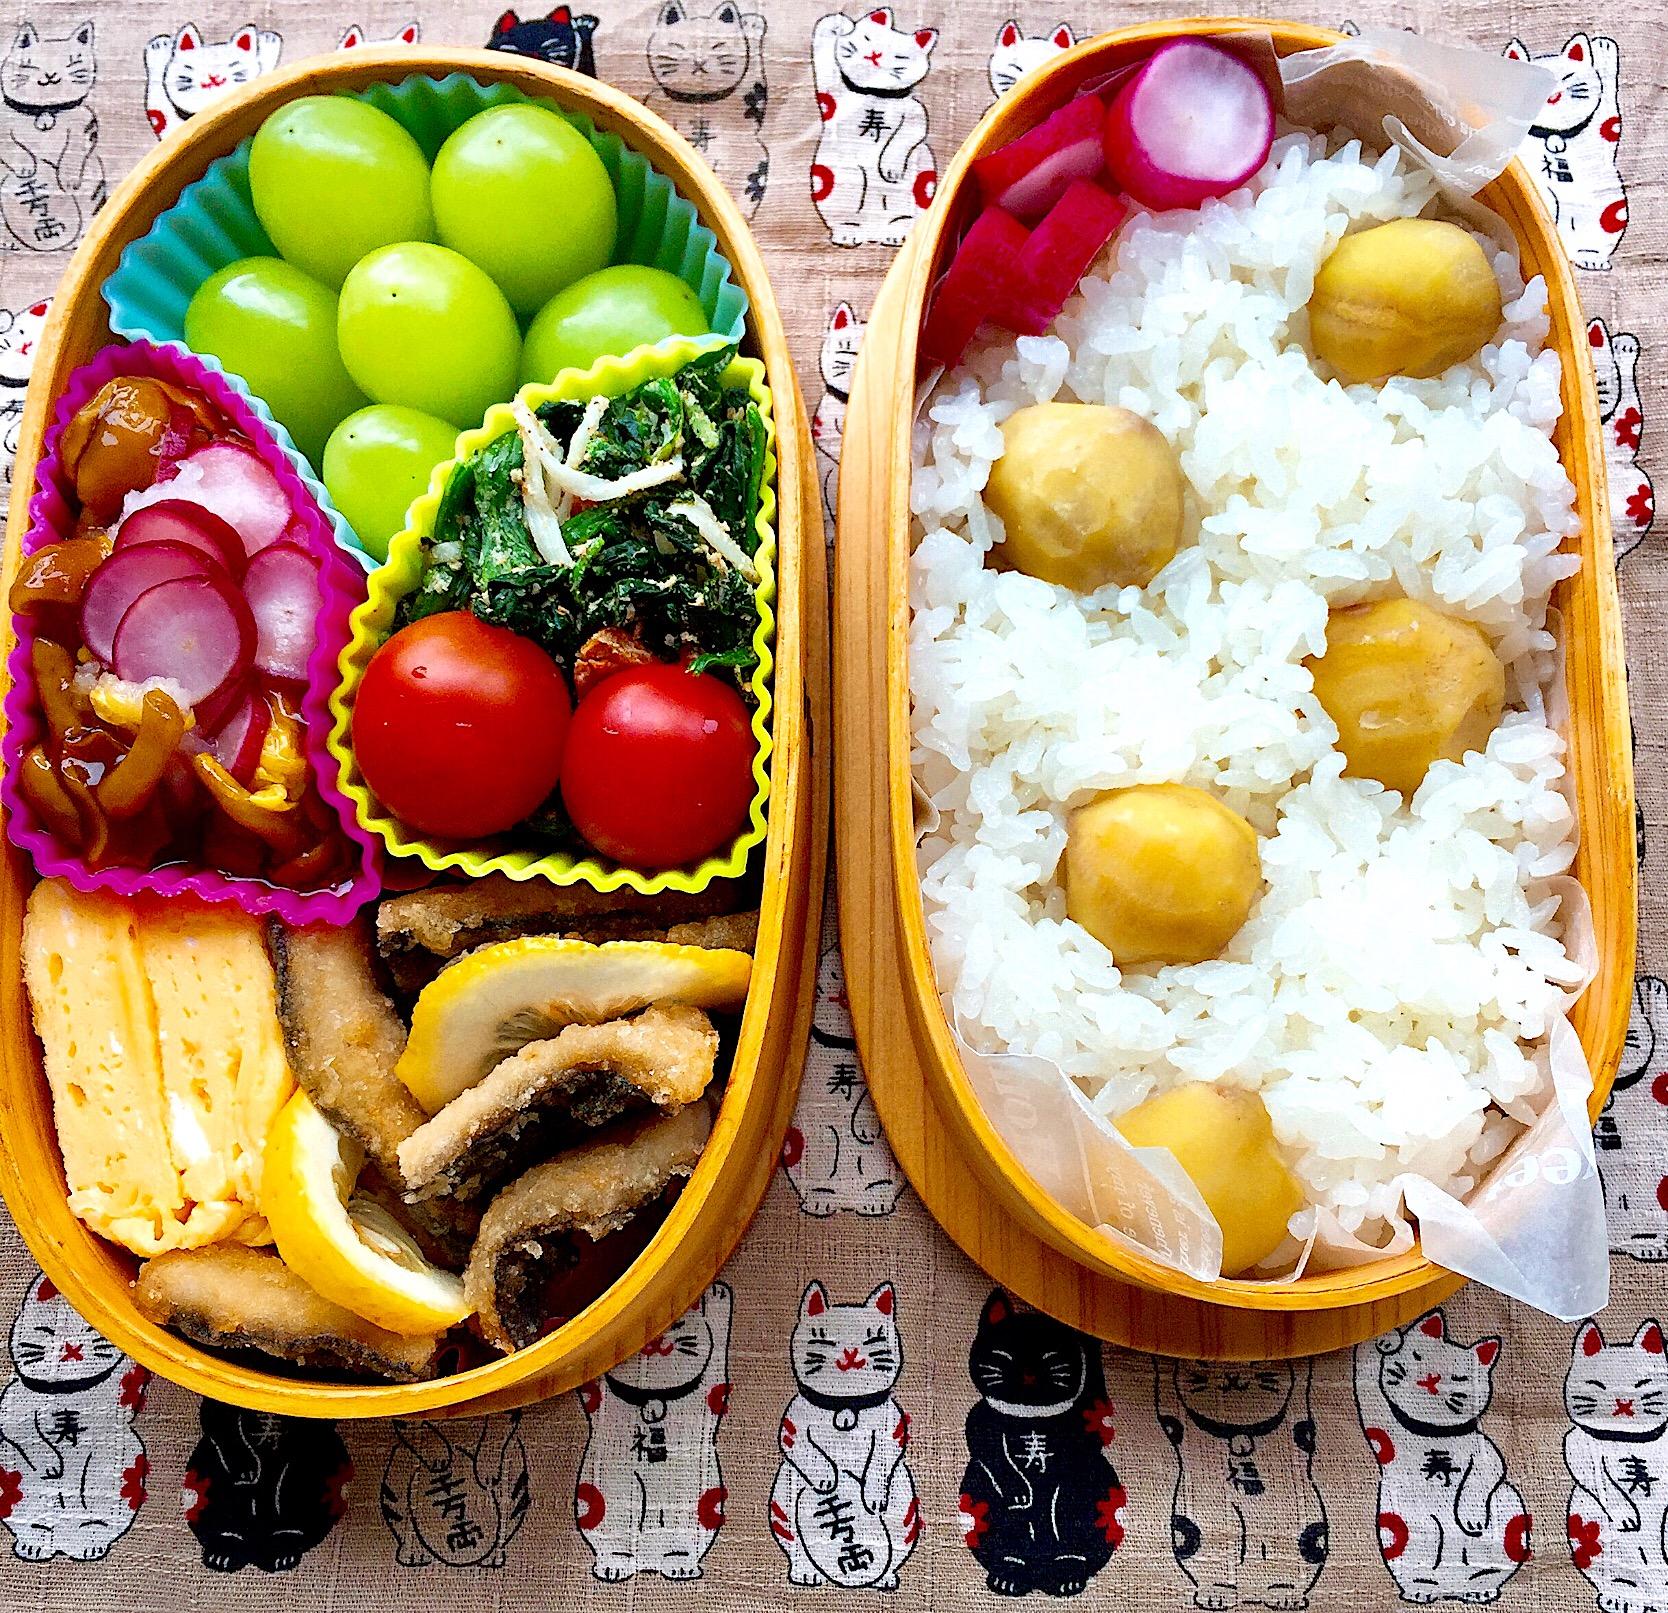 #お父さん弁当 #栗ご飯 #食用菊の和え物    #シャインマスカット #秋刀魚